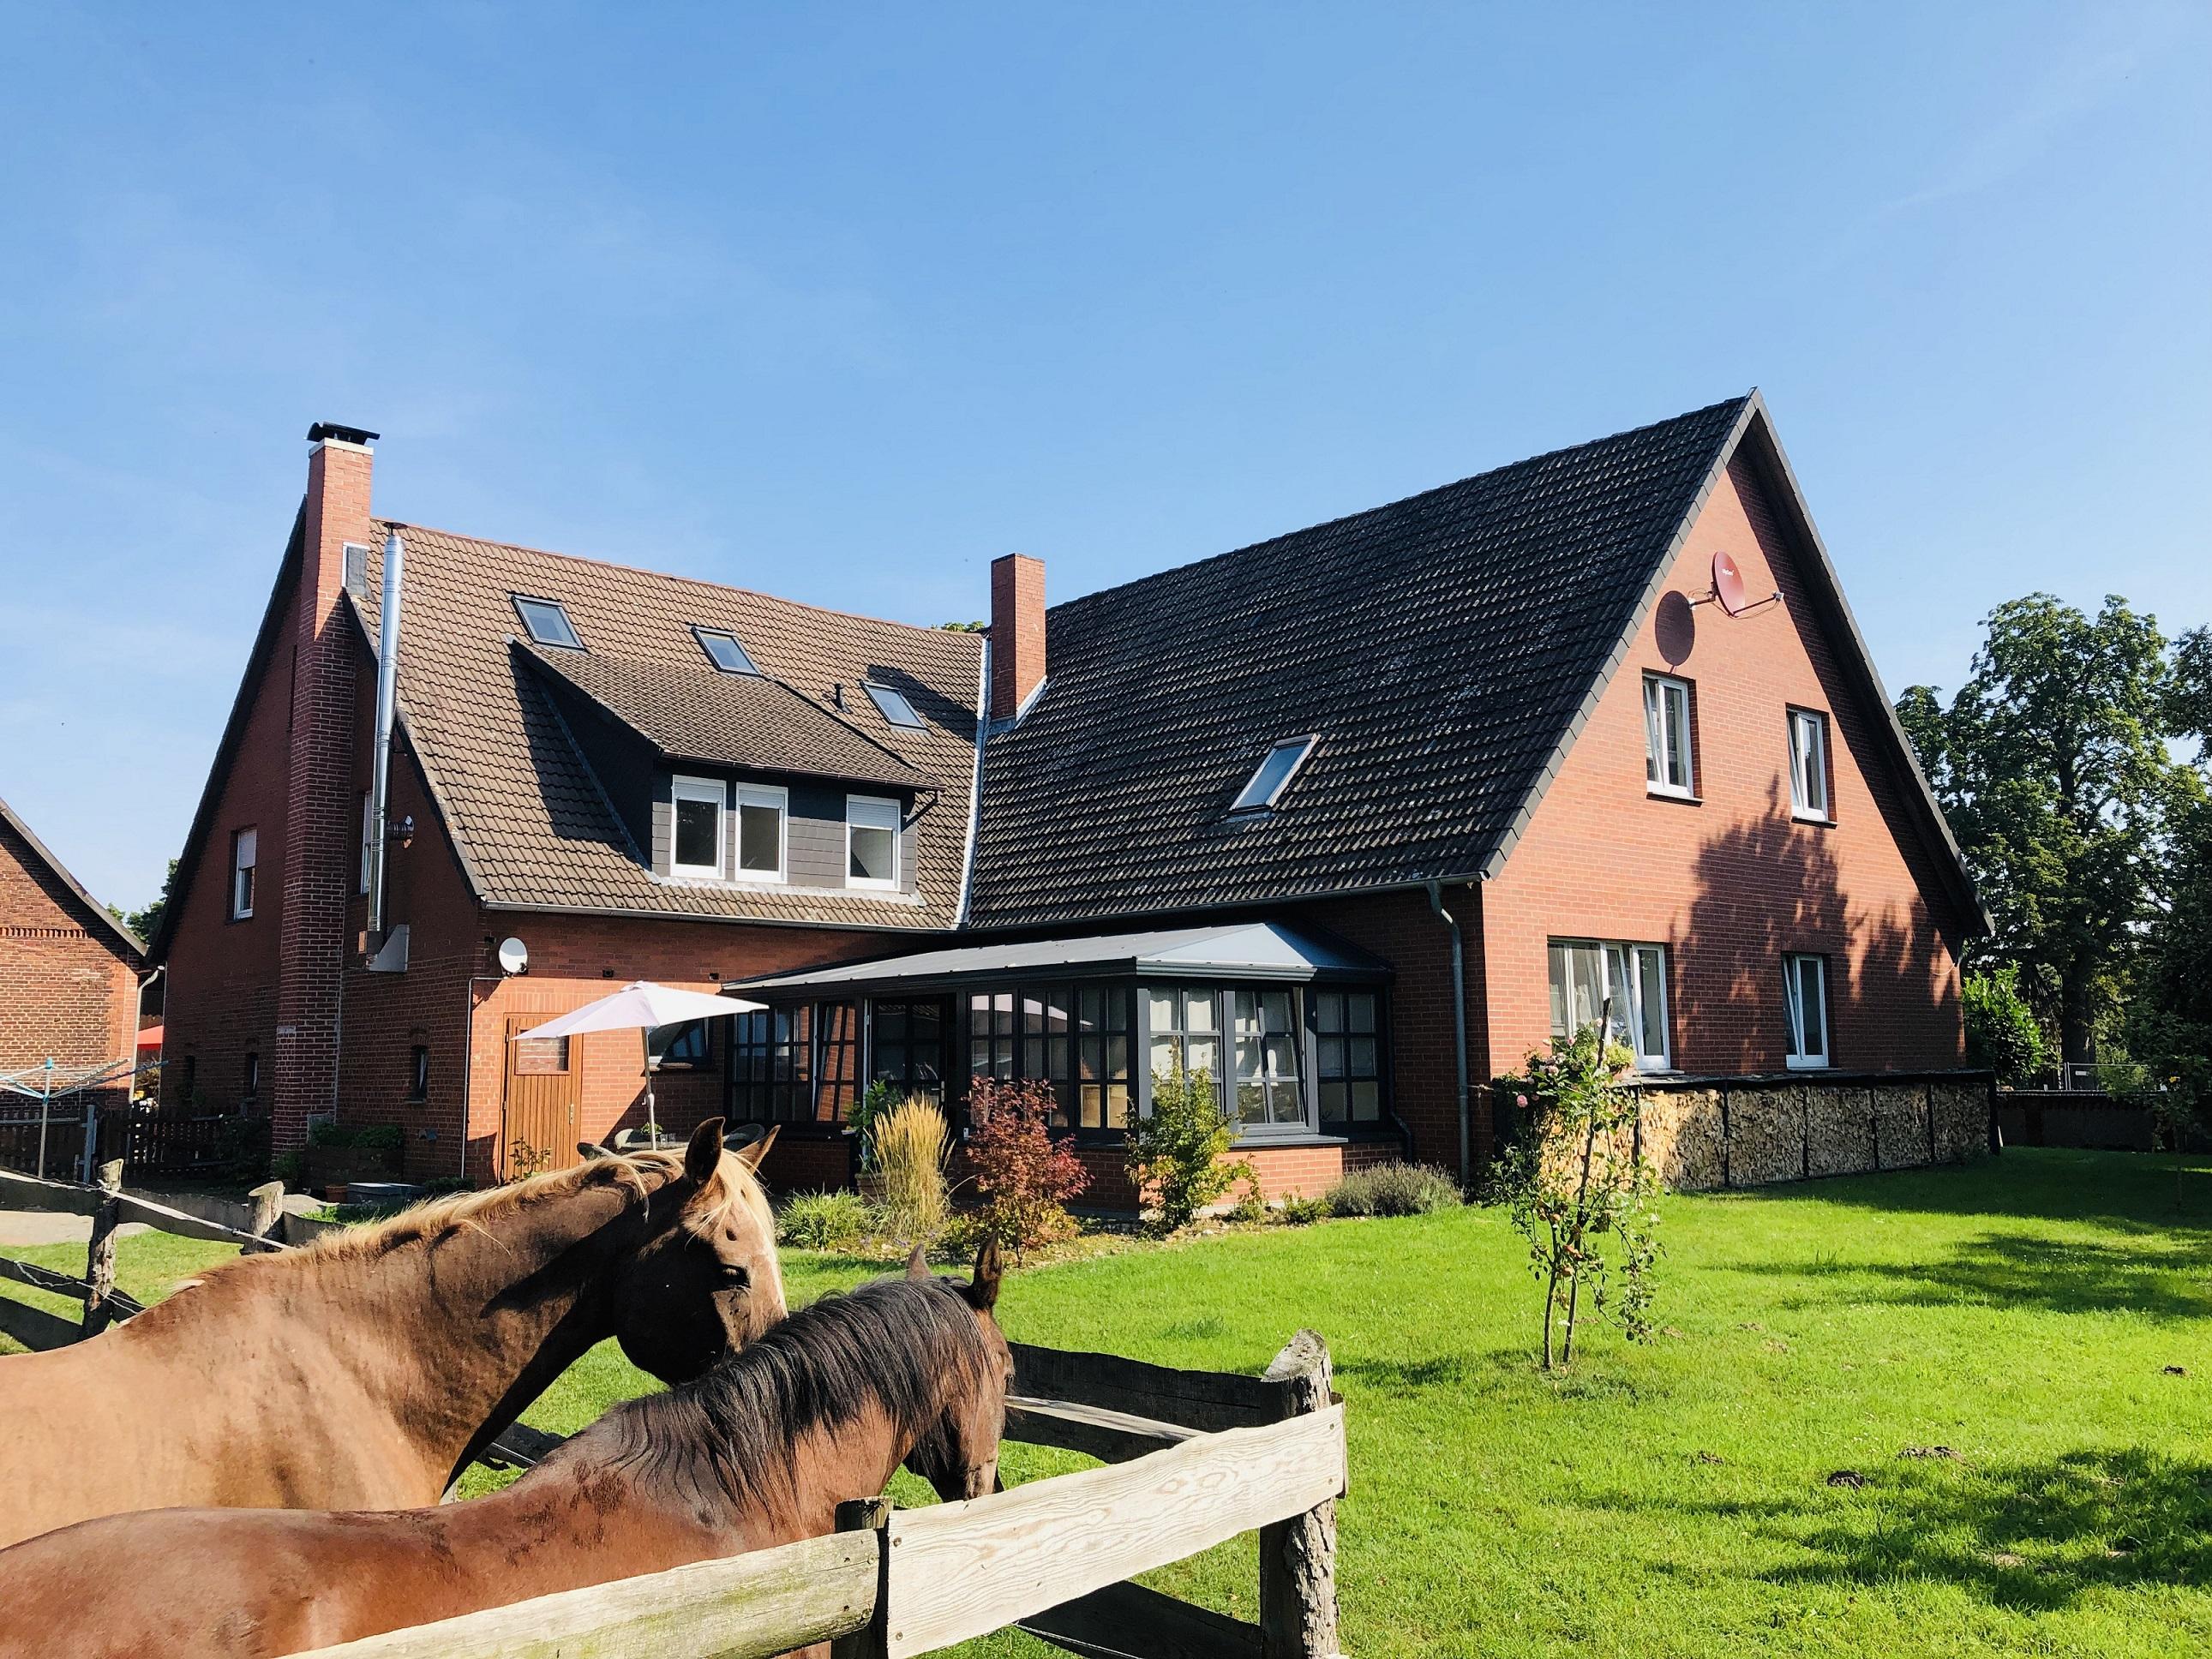 42 Top Pictures Haus Mit Möglichkeit Zur Pferdehaltung